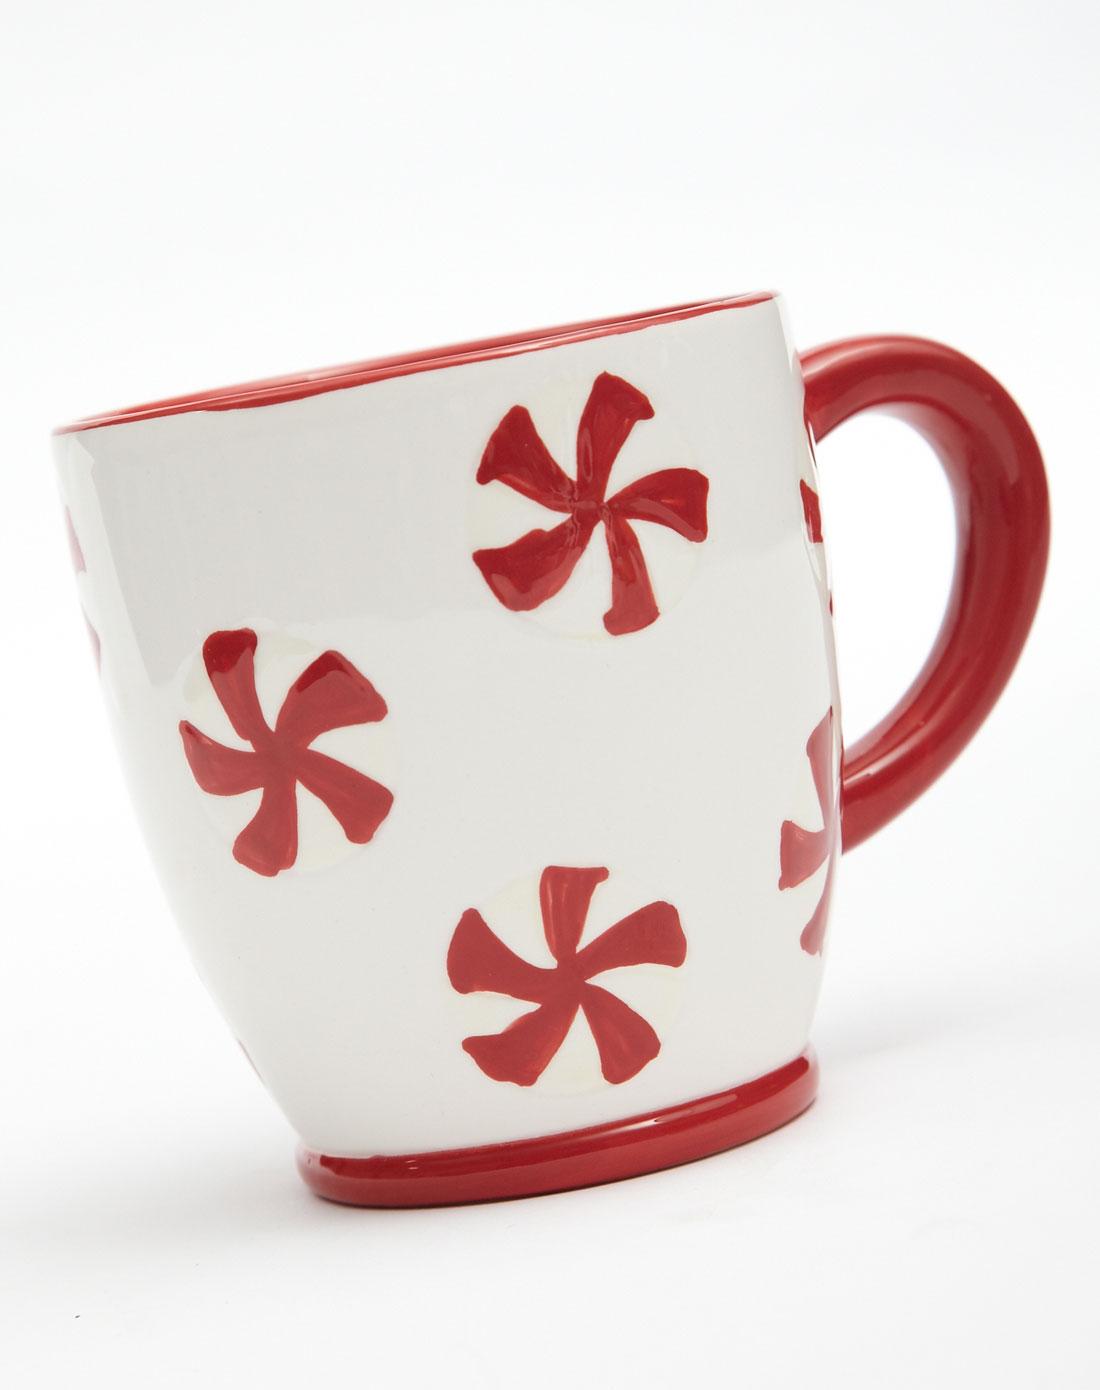 陶瓷手绘立体浮雕奶茶杯